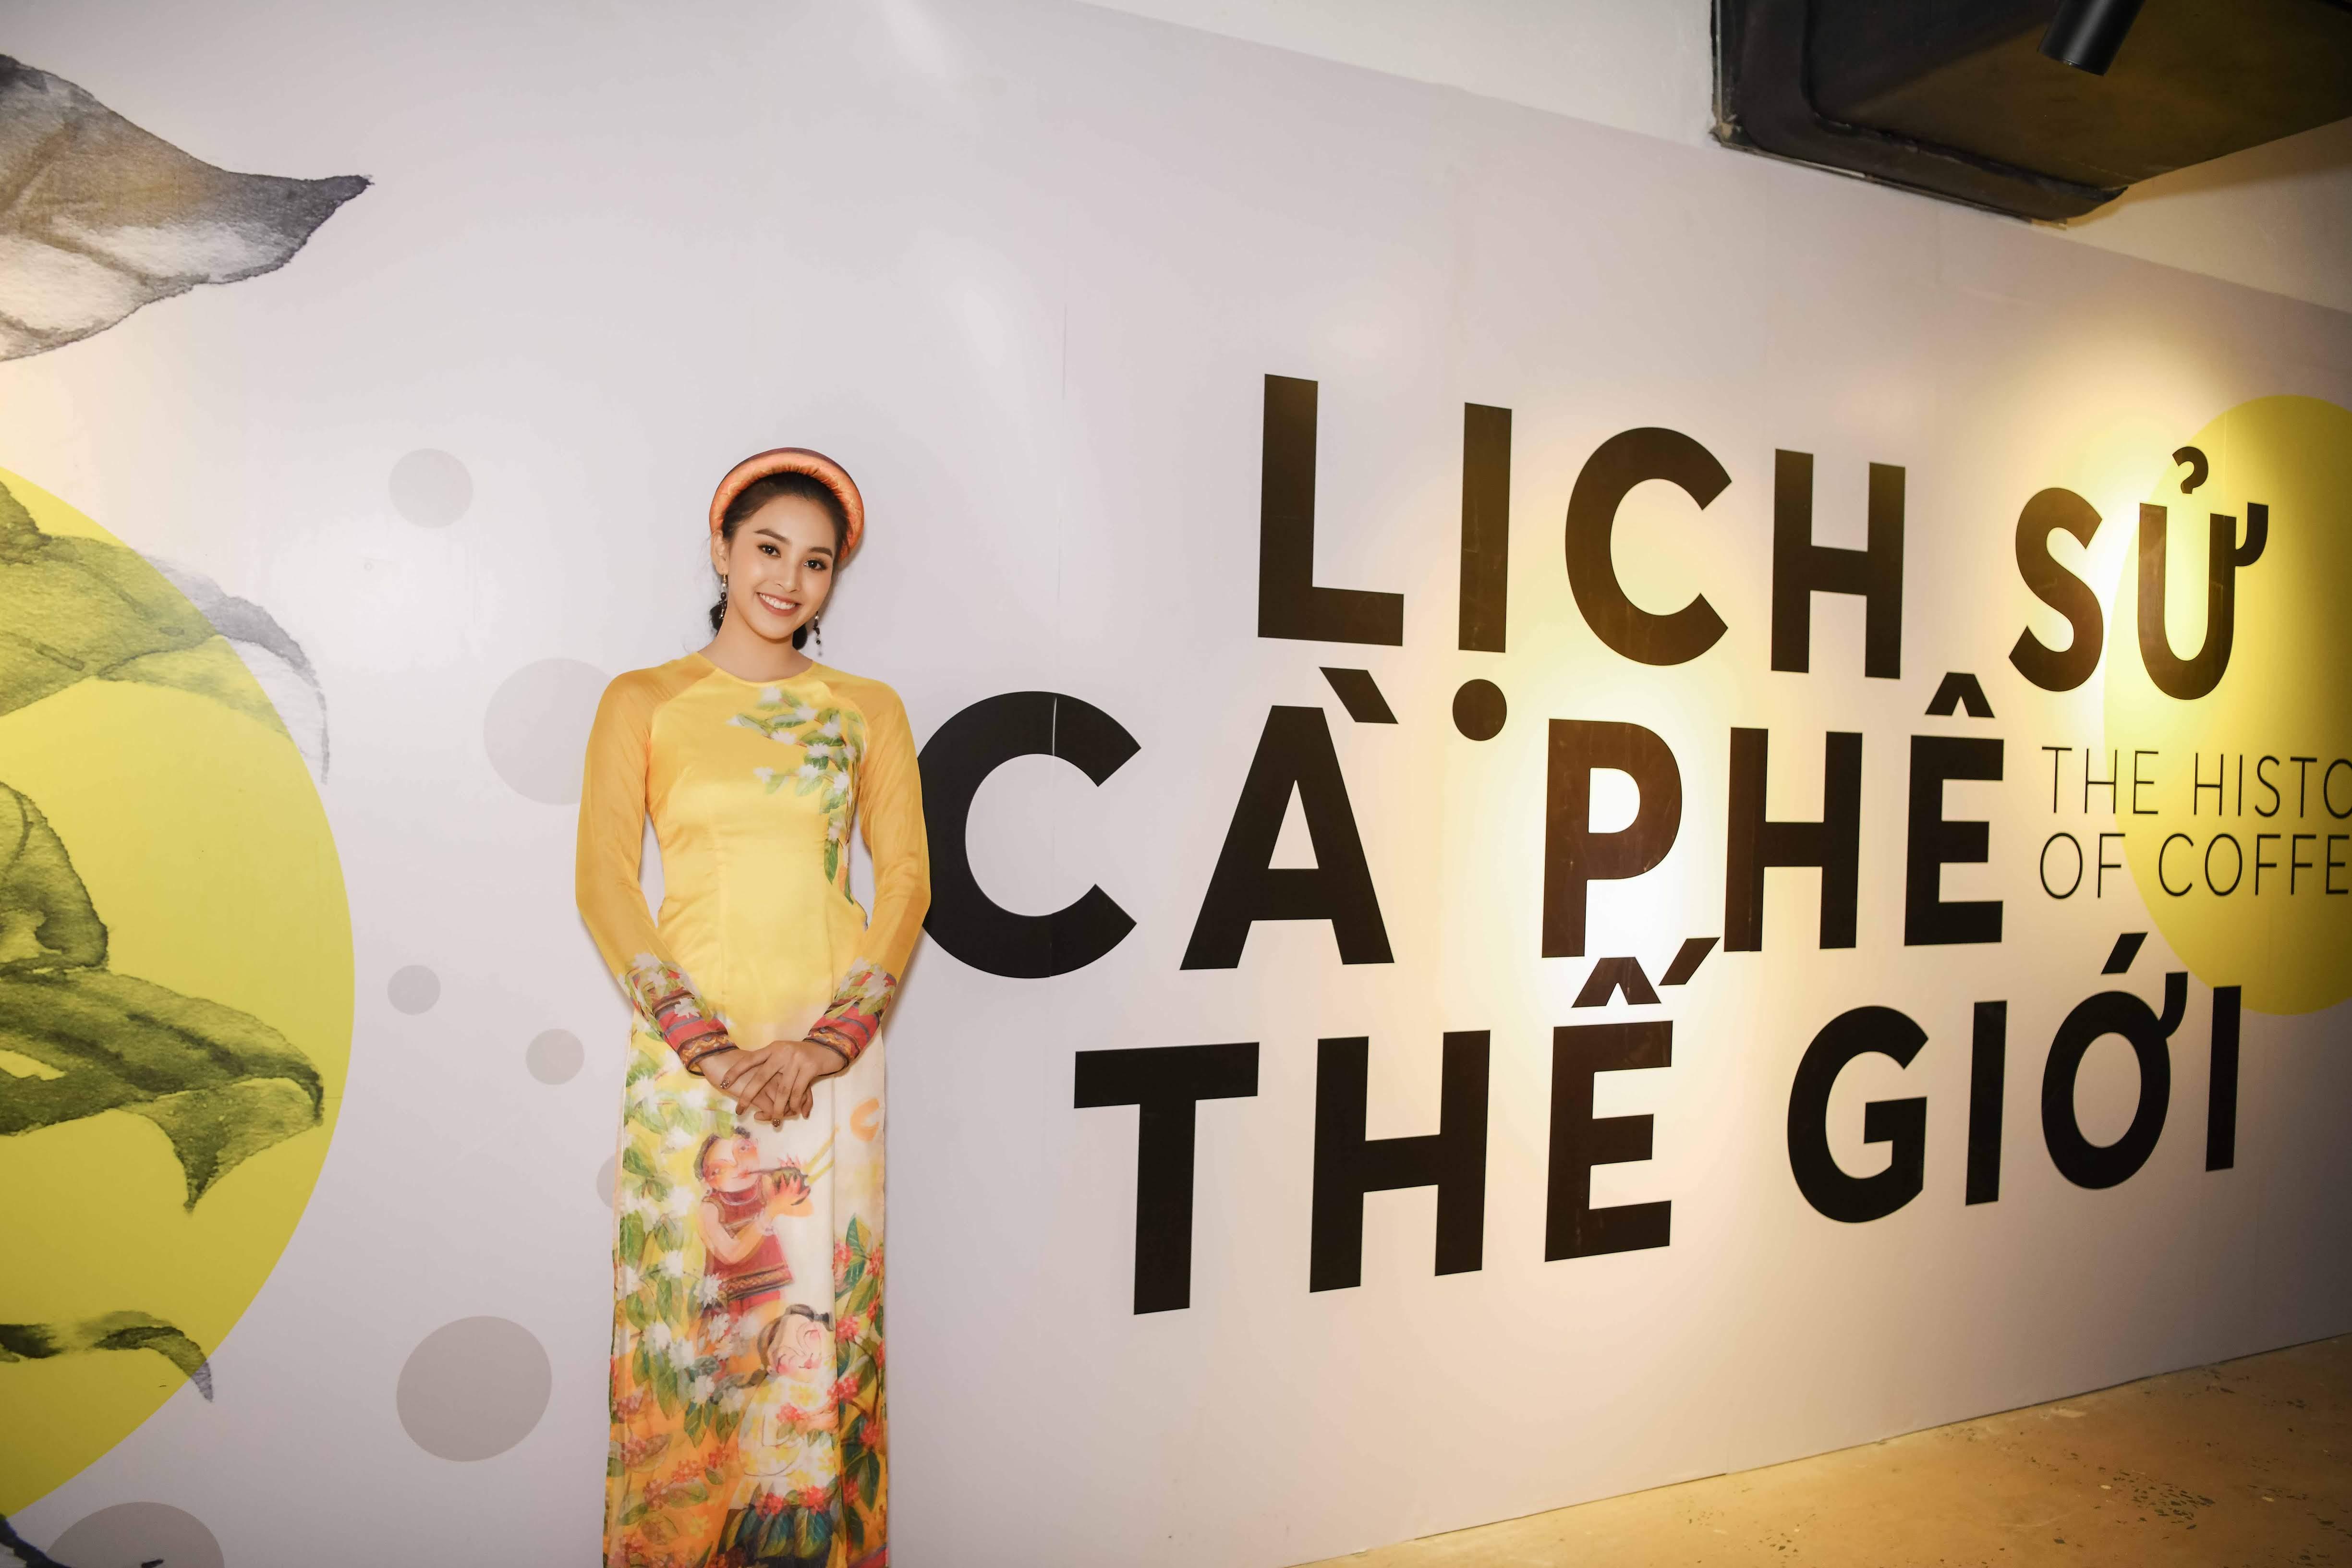 Hoa hậu Thùy Dung tái xuất, ngỡ ngàng nhan sắc sau 10 năm đăng quang 1